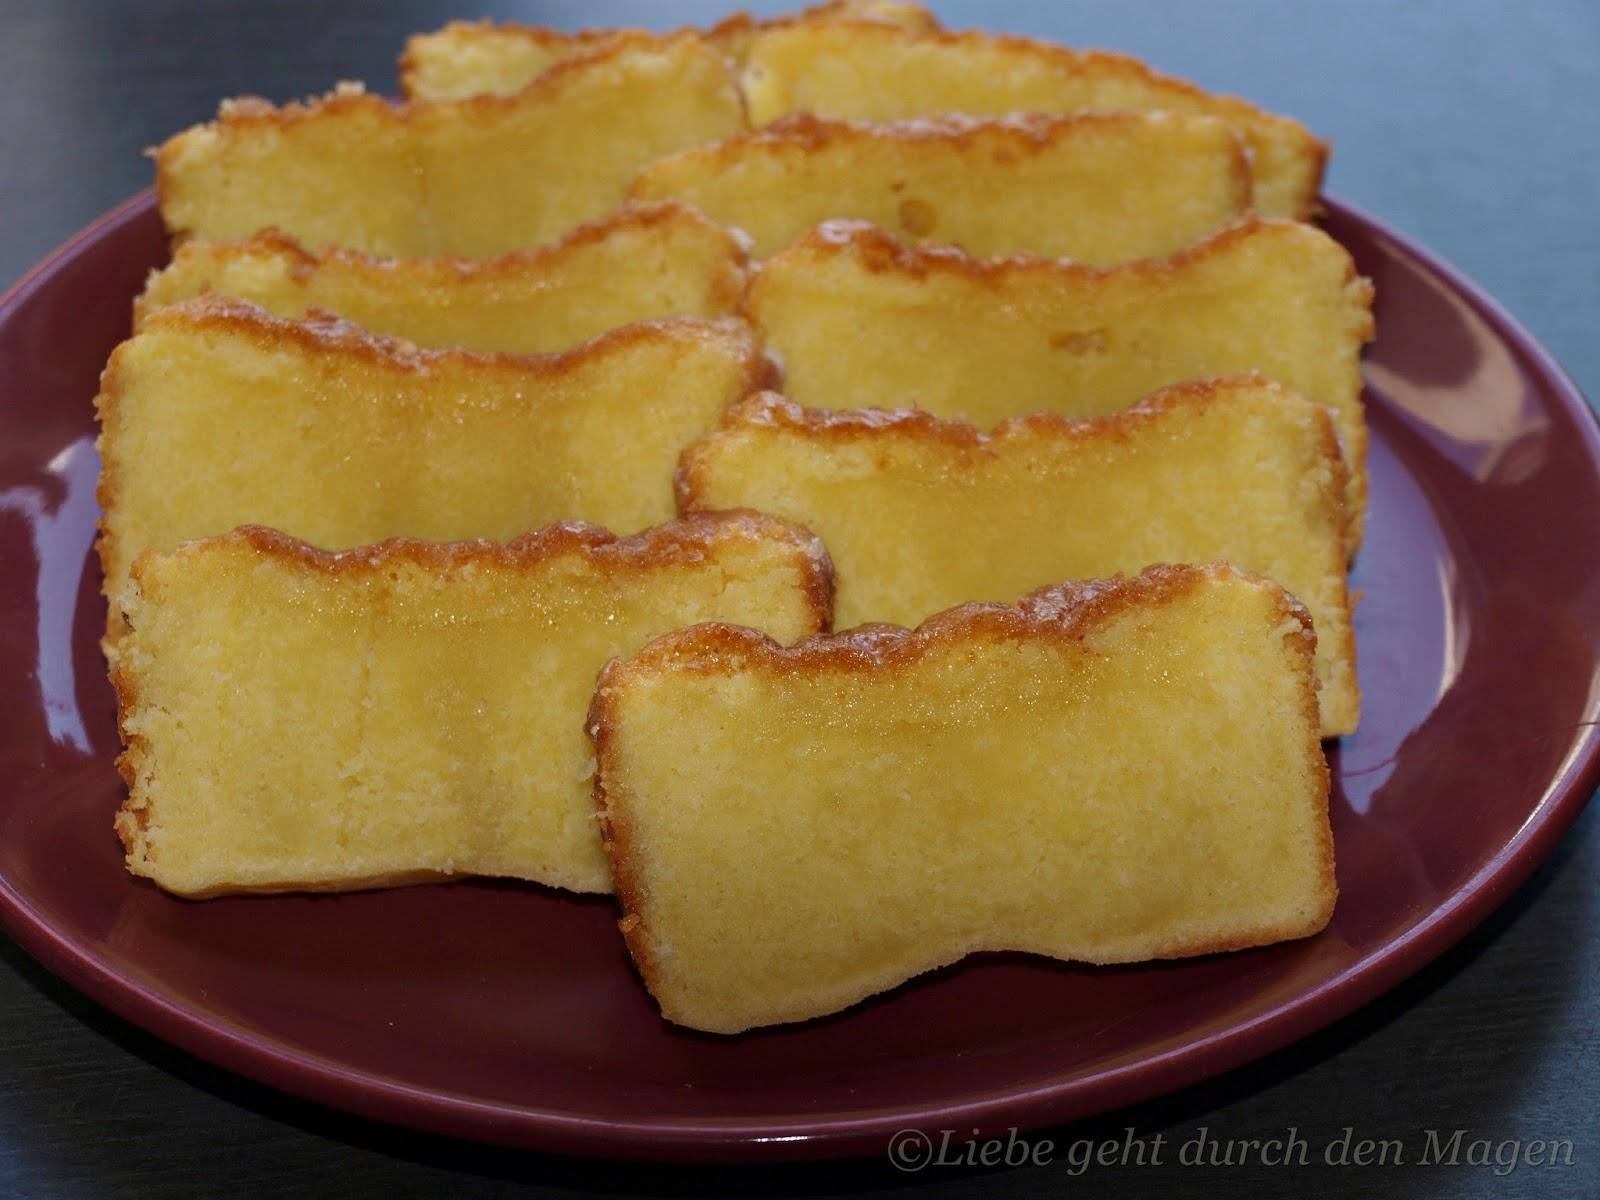 Zitronen ruhrkuchen mit schmand